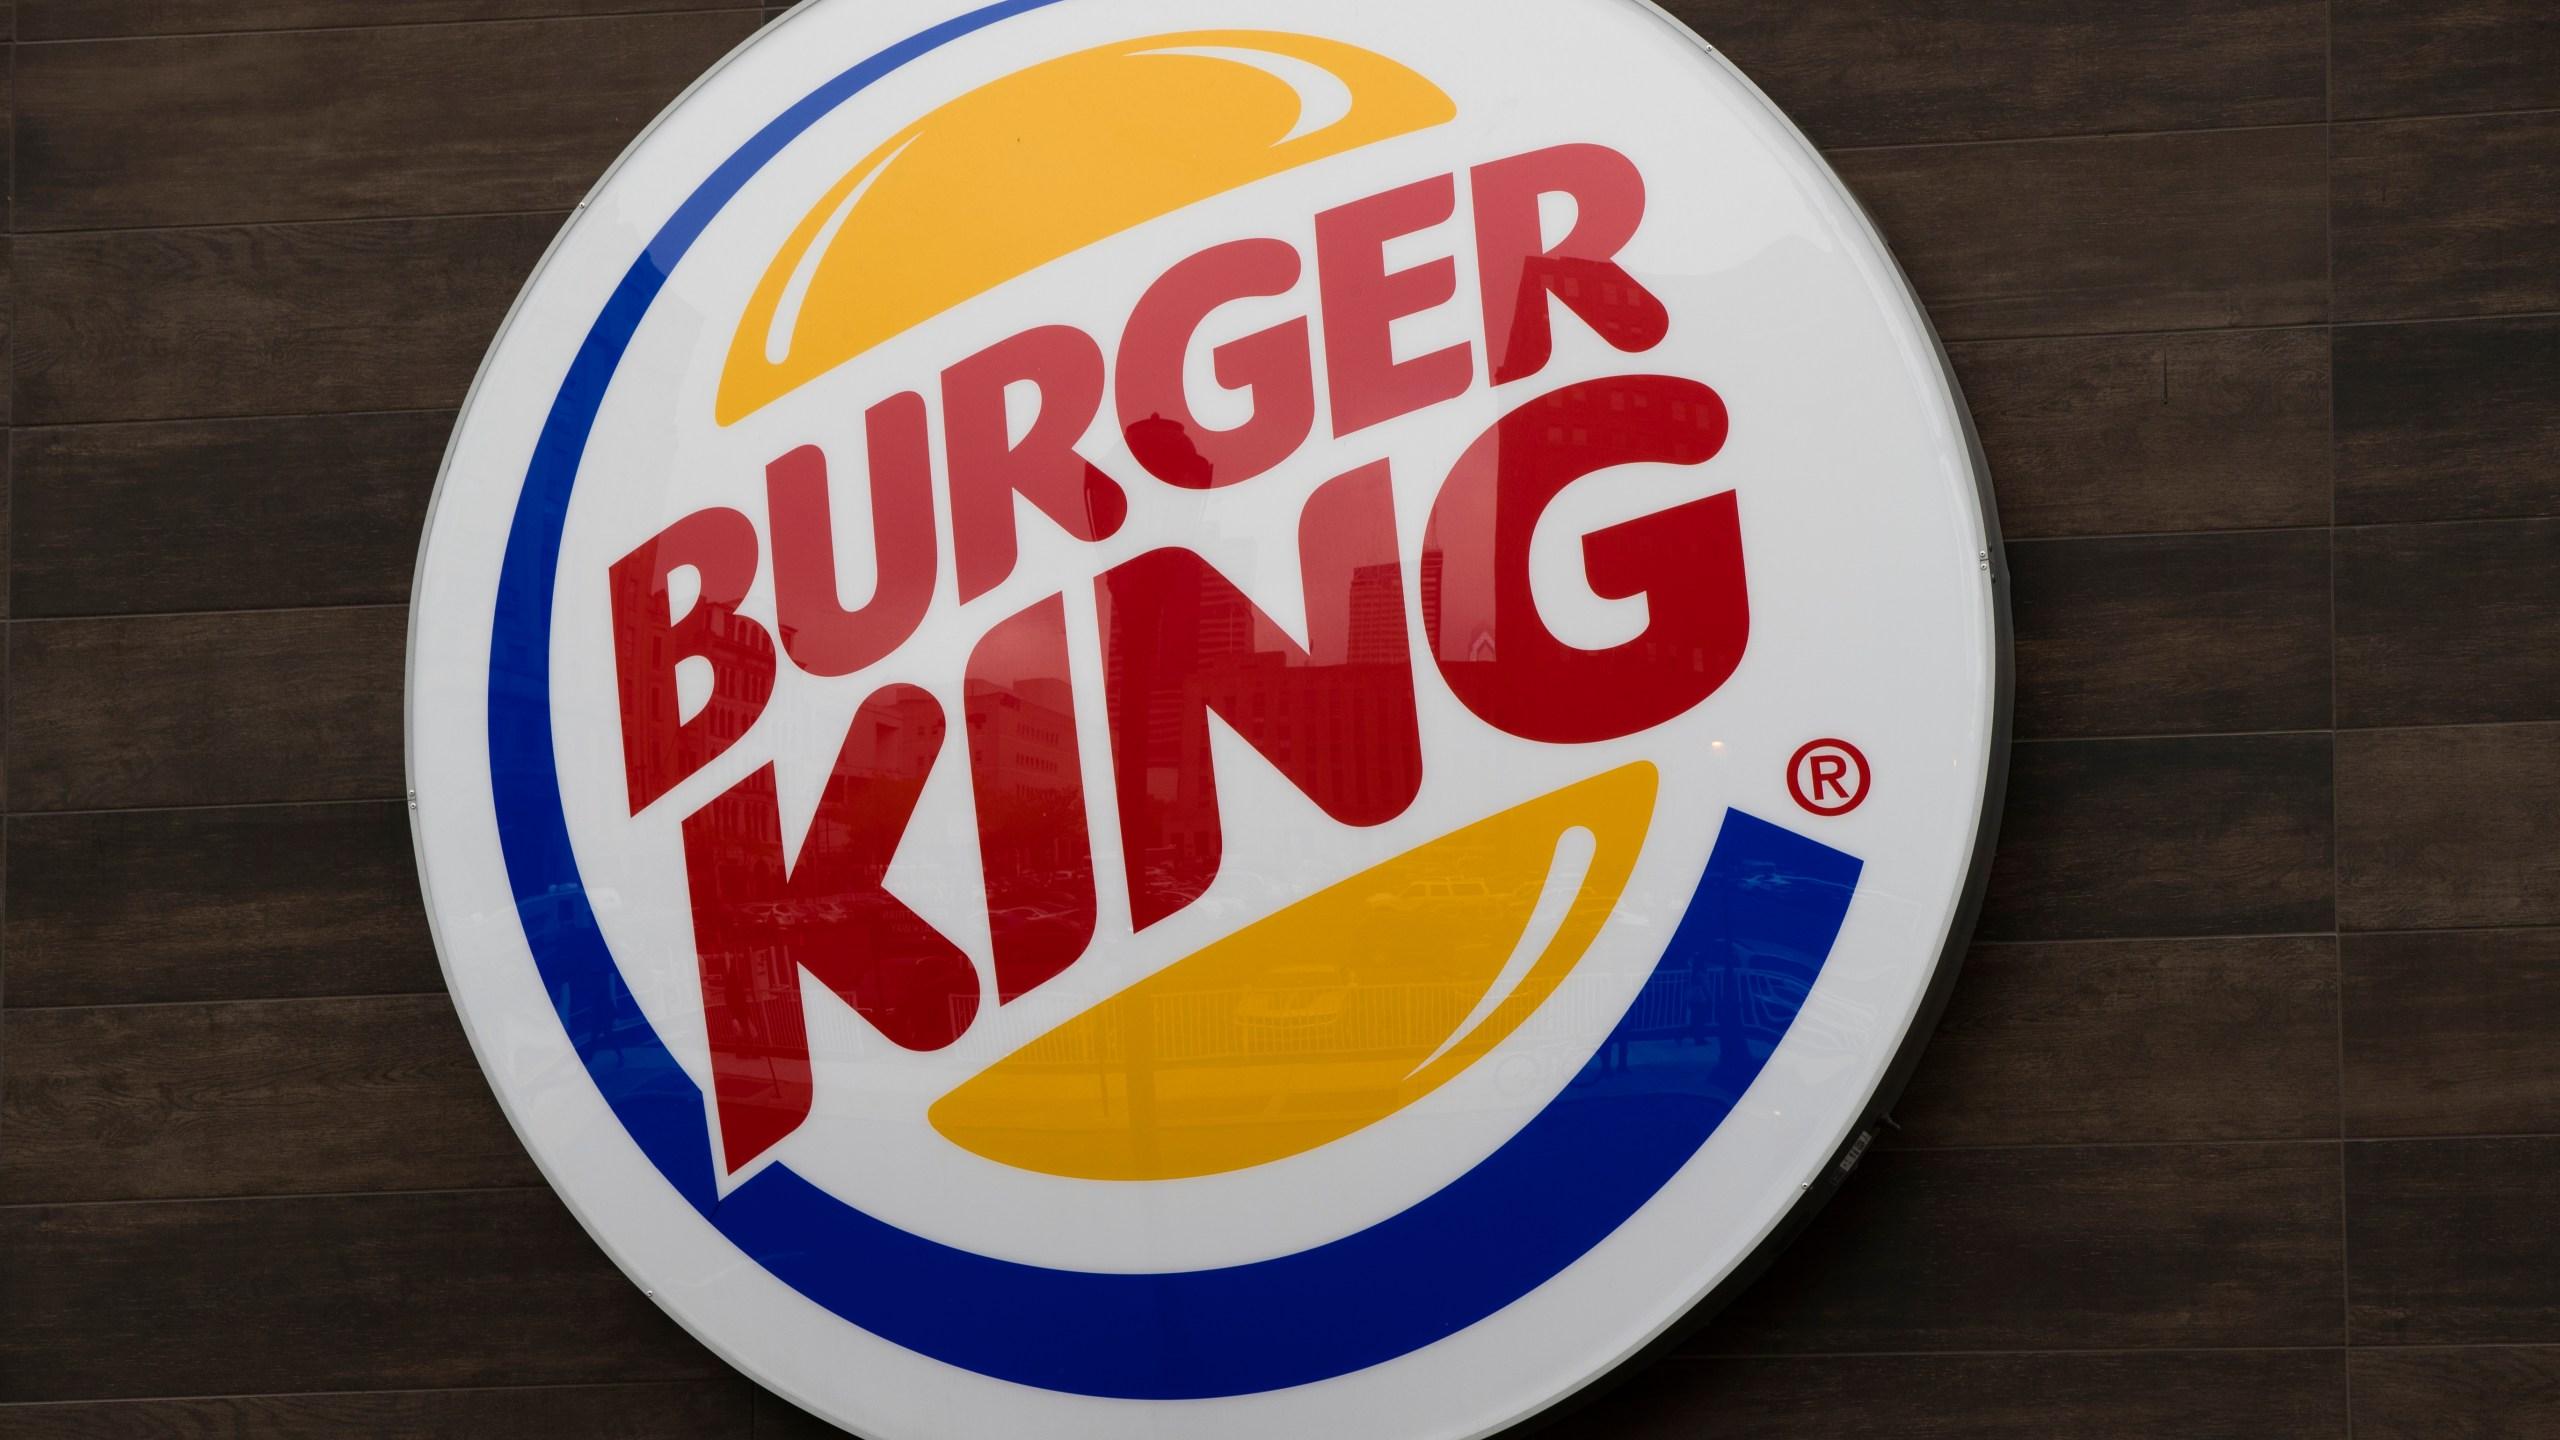 Burger_King_24929-159532.jpg51546730